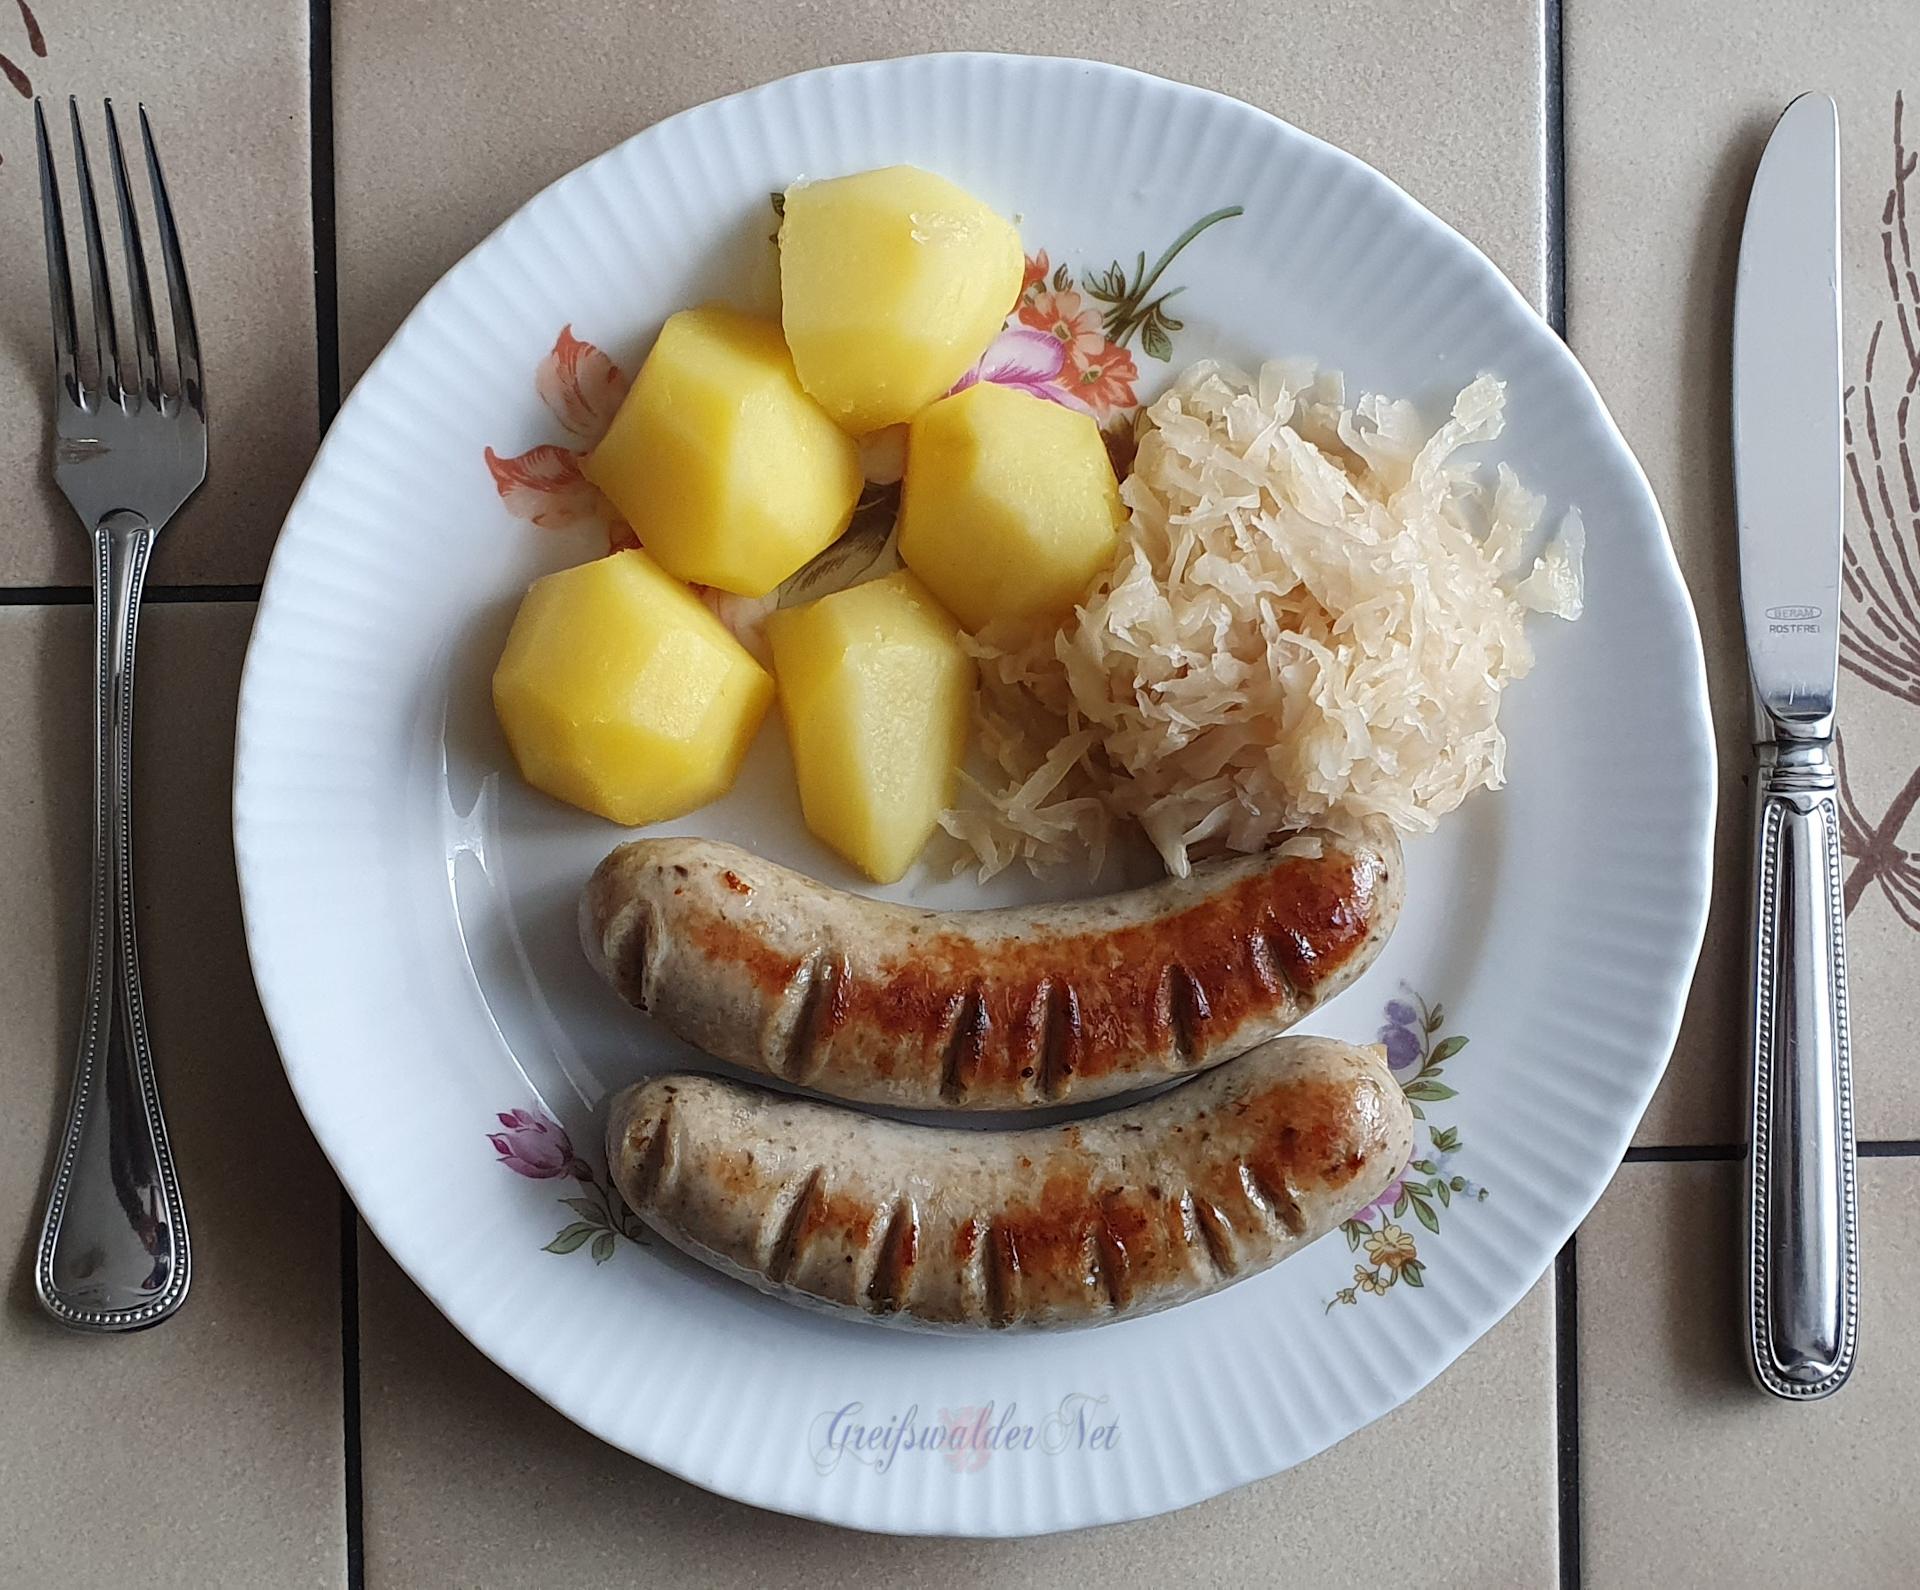 Bratwurst mit Kartoffeln und Sauerkraut